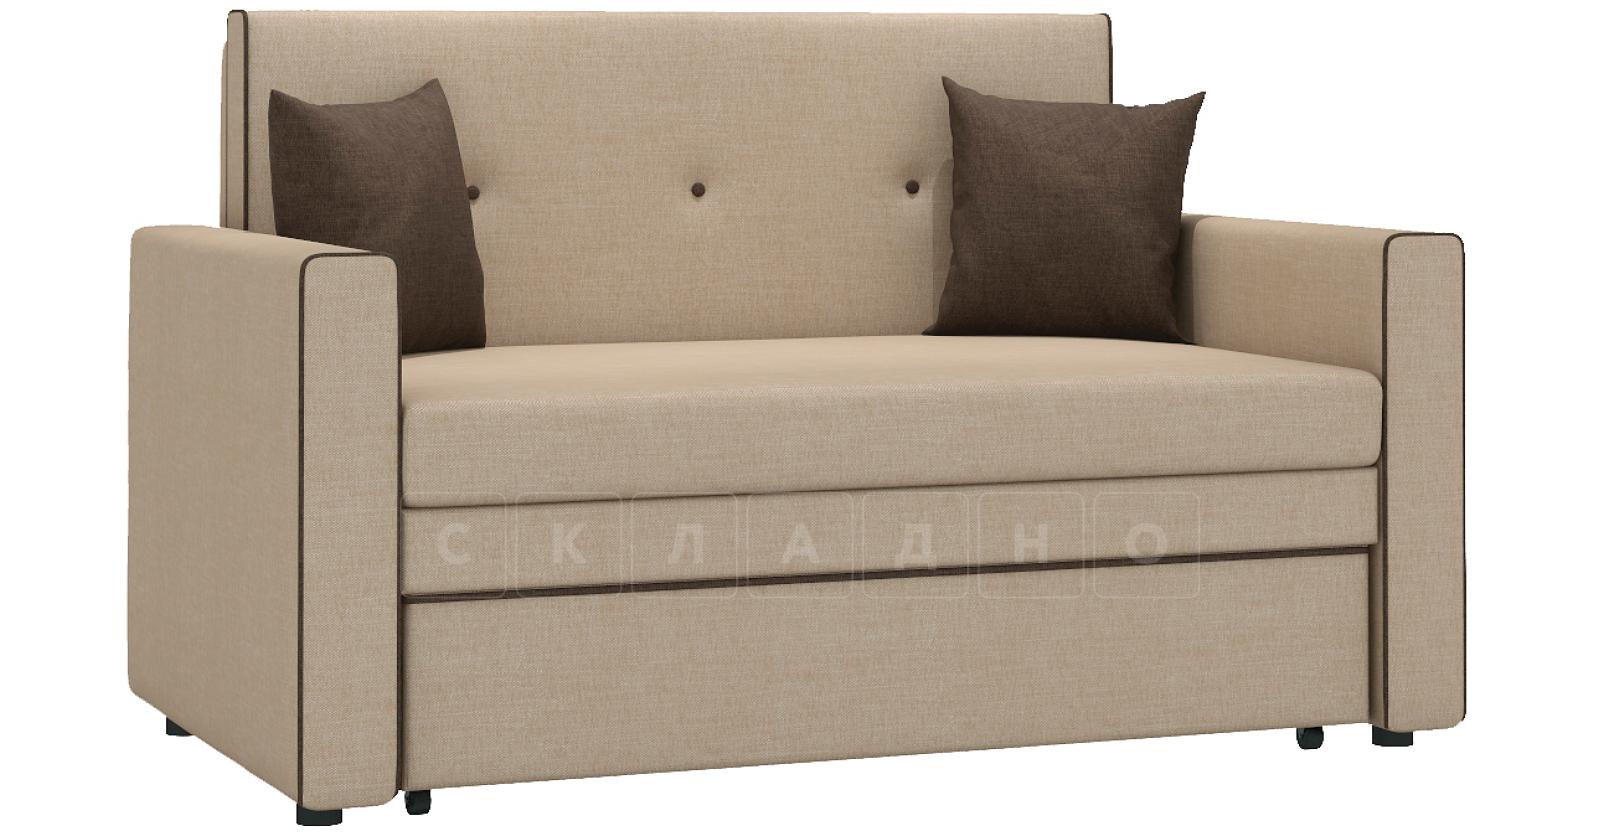 Диван-кровать Найс 120 бежевый ТД 111 фото 1 | интернет-магазин Складно